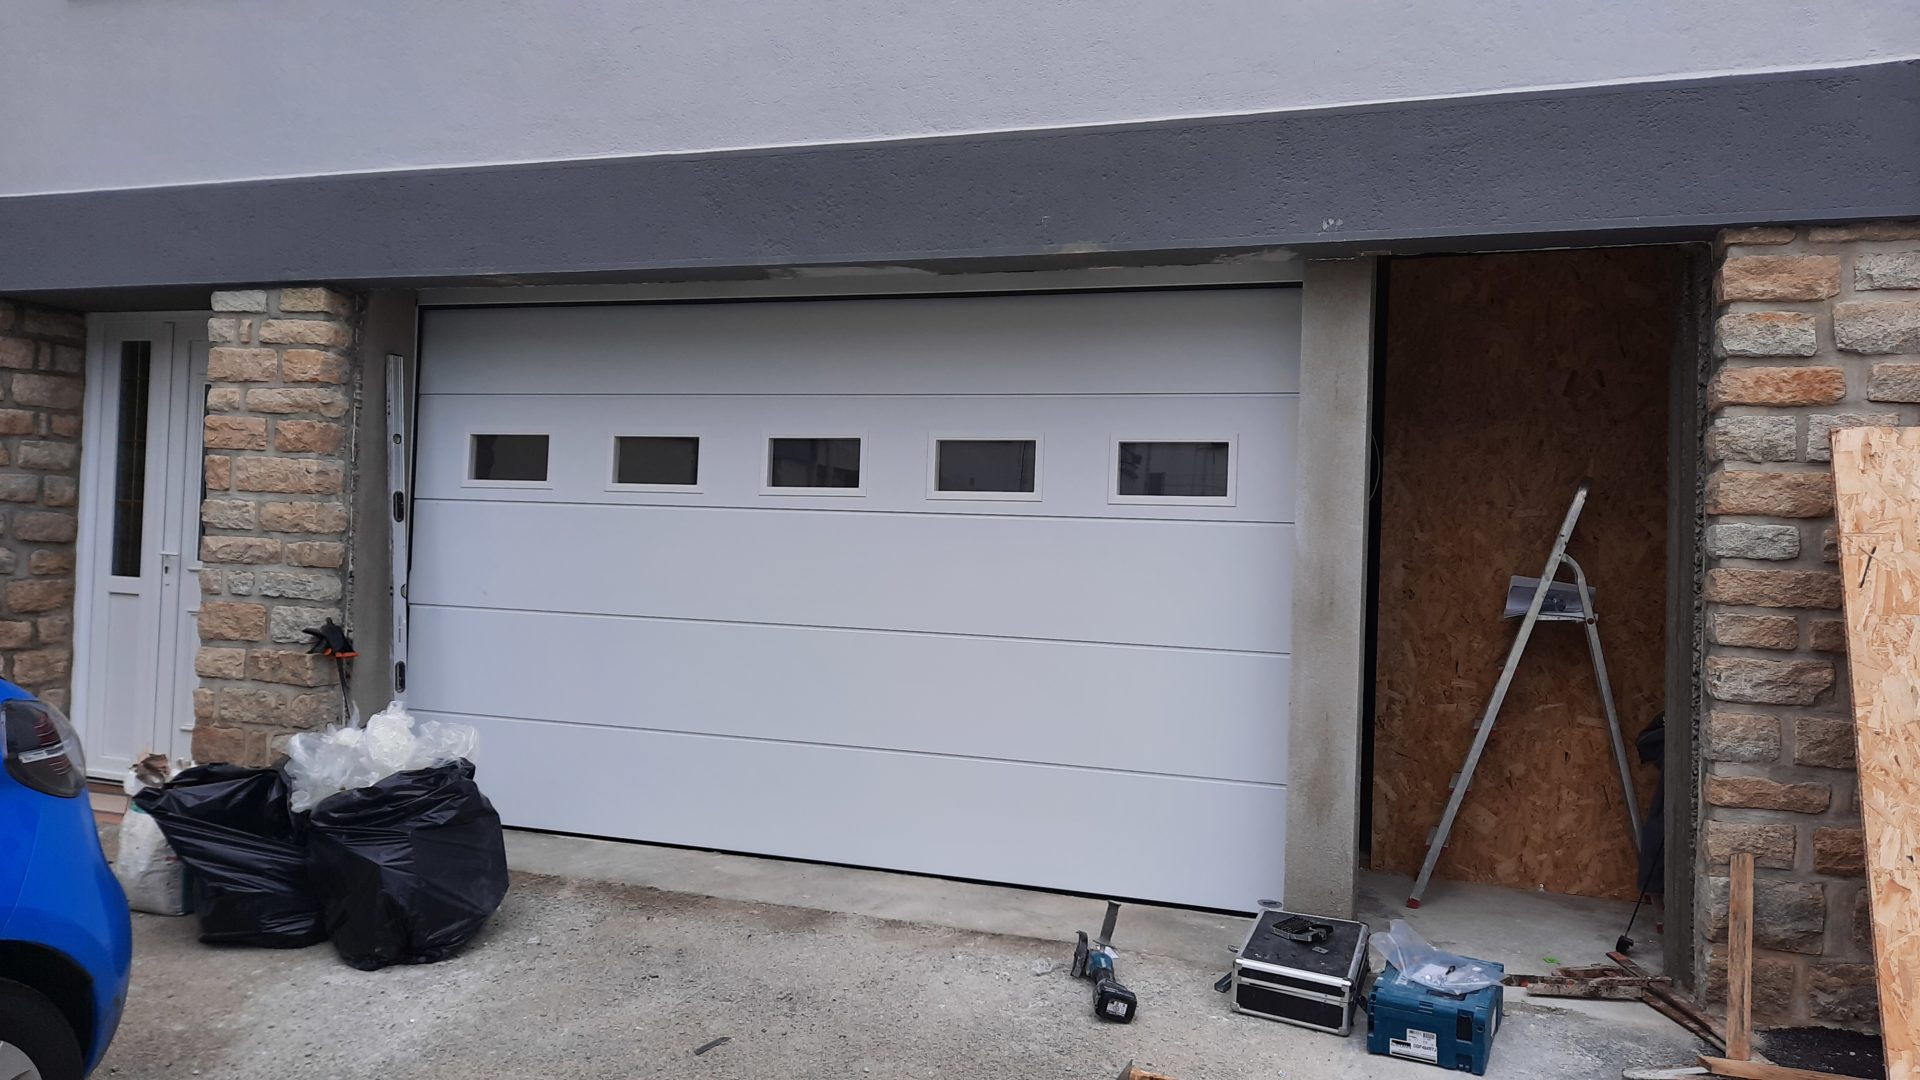 pose-porte-garage-sectionnelle-electrique-quimper